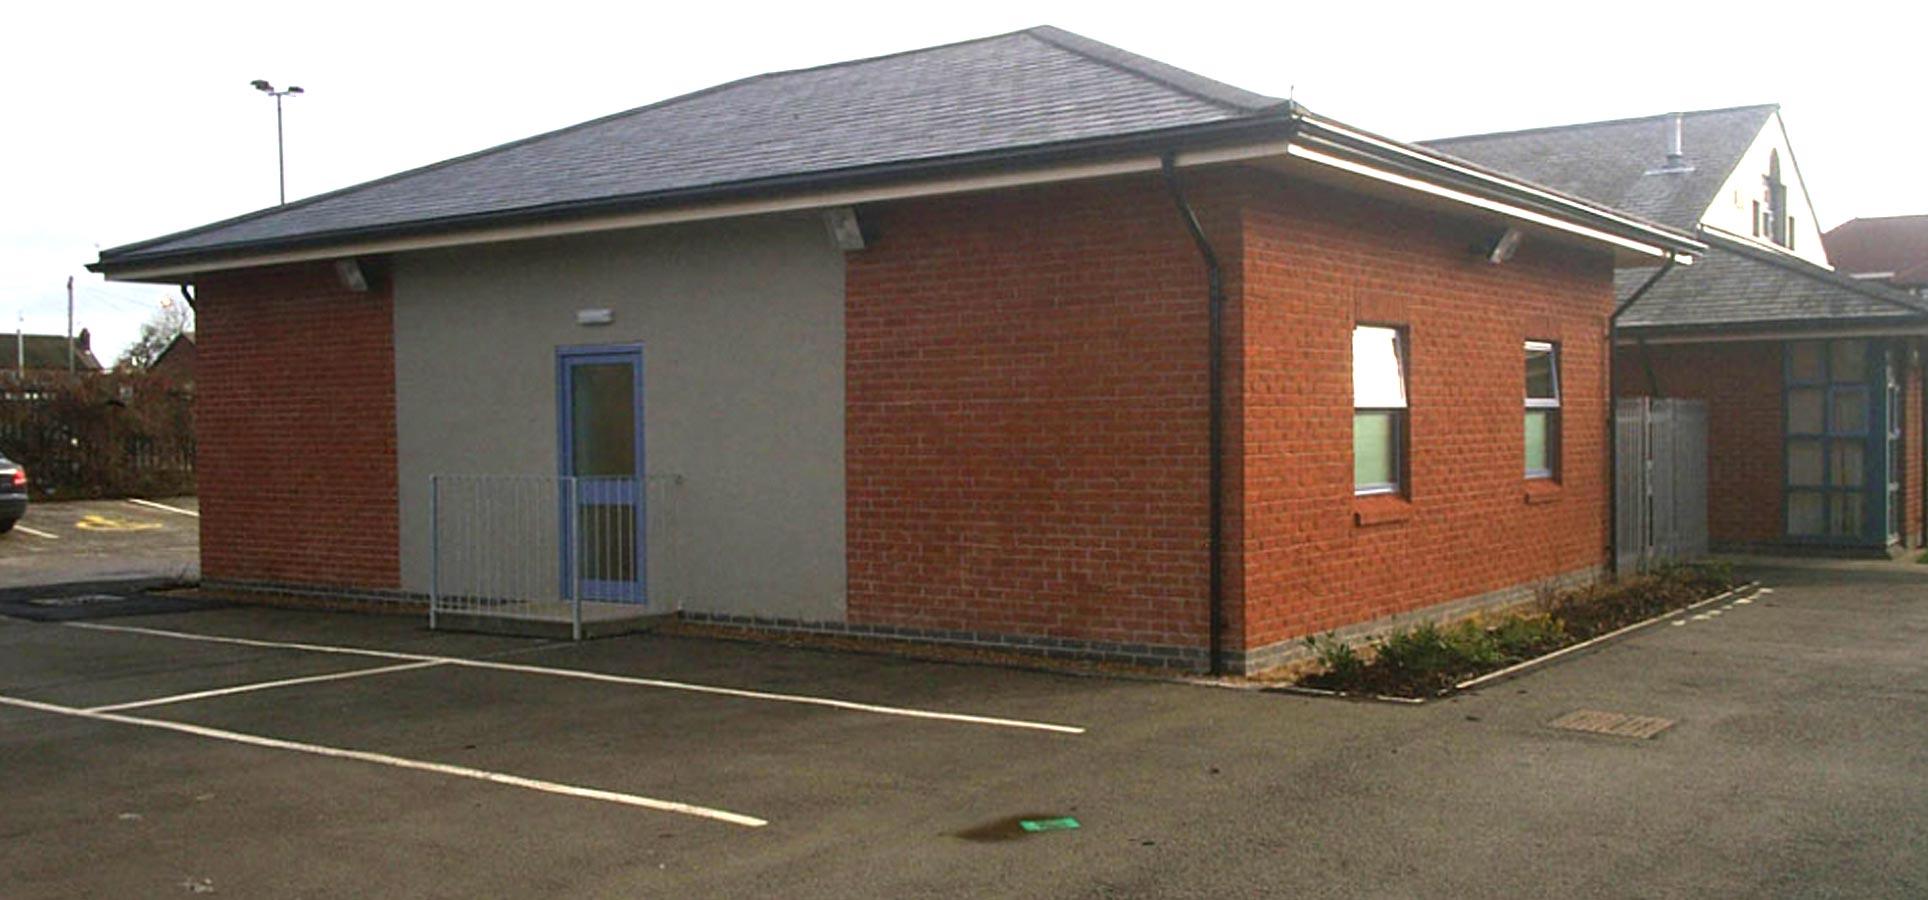 Ripley Medical CTR Extension, Jessops Construction Ltd